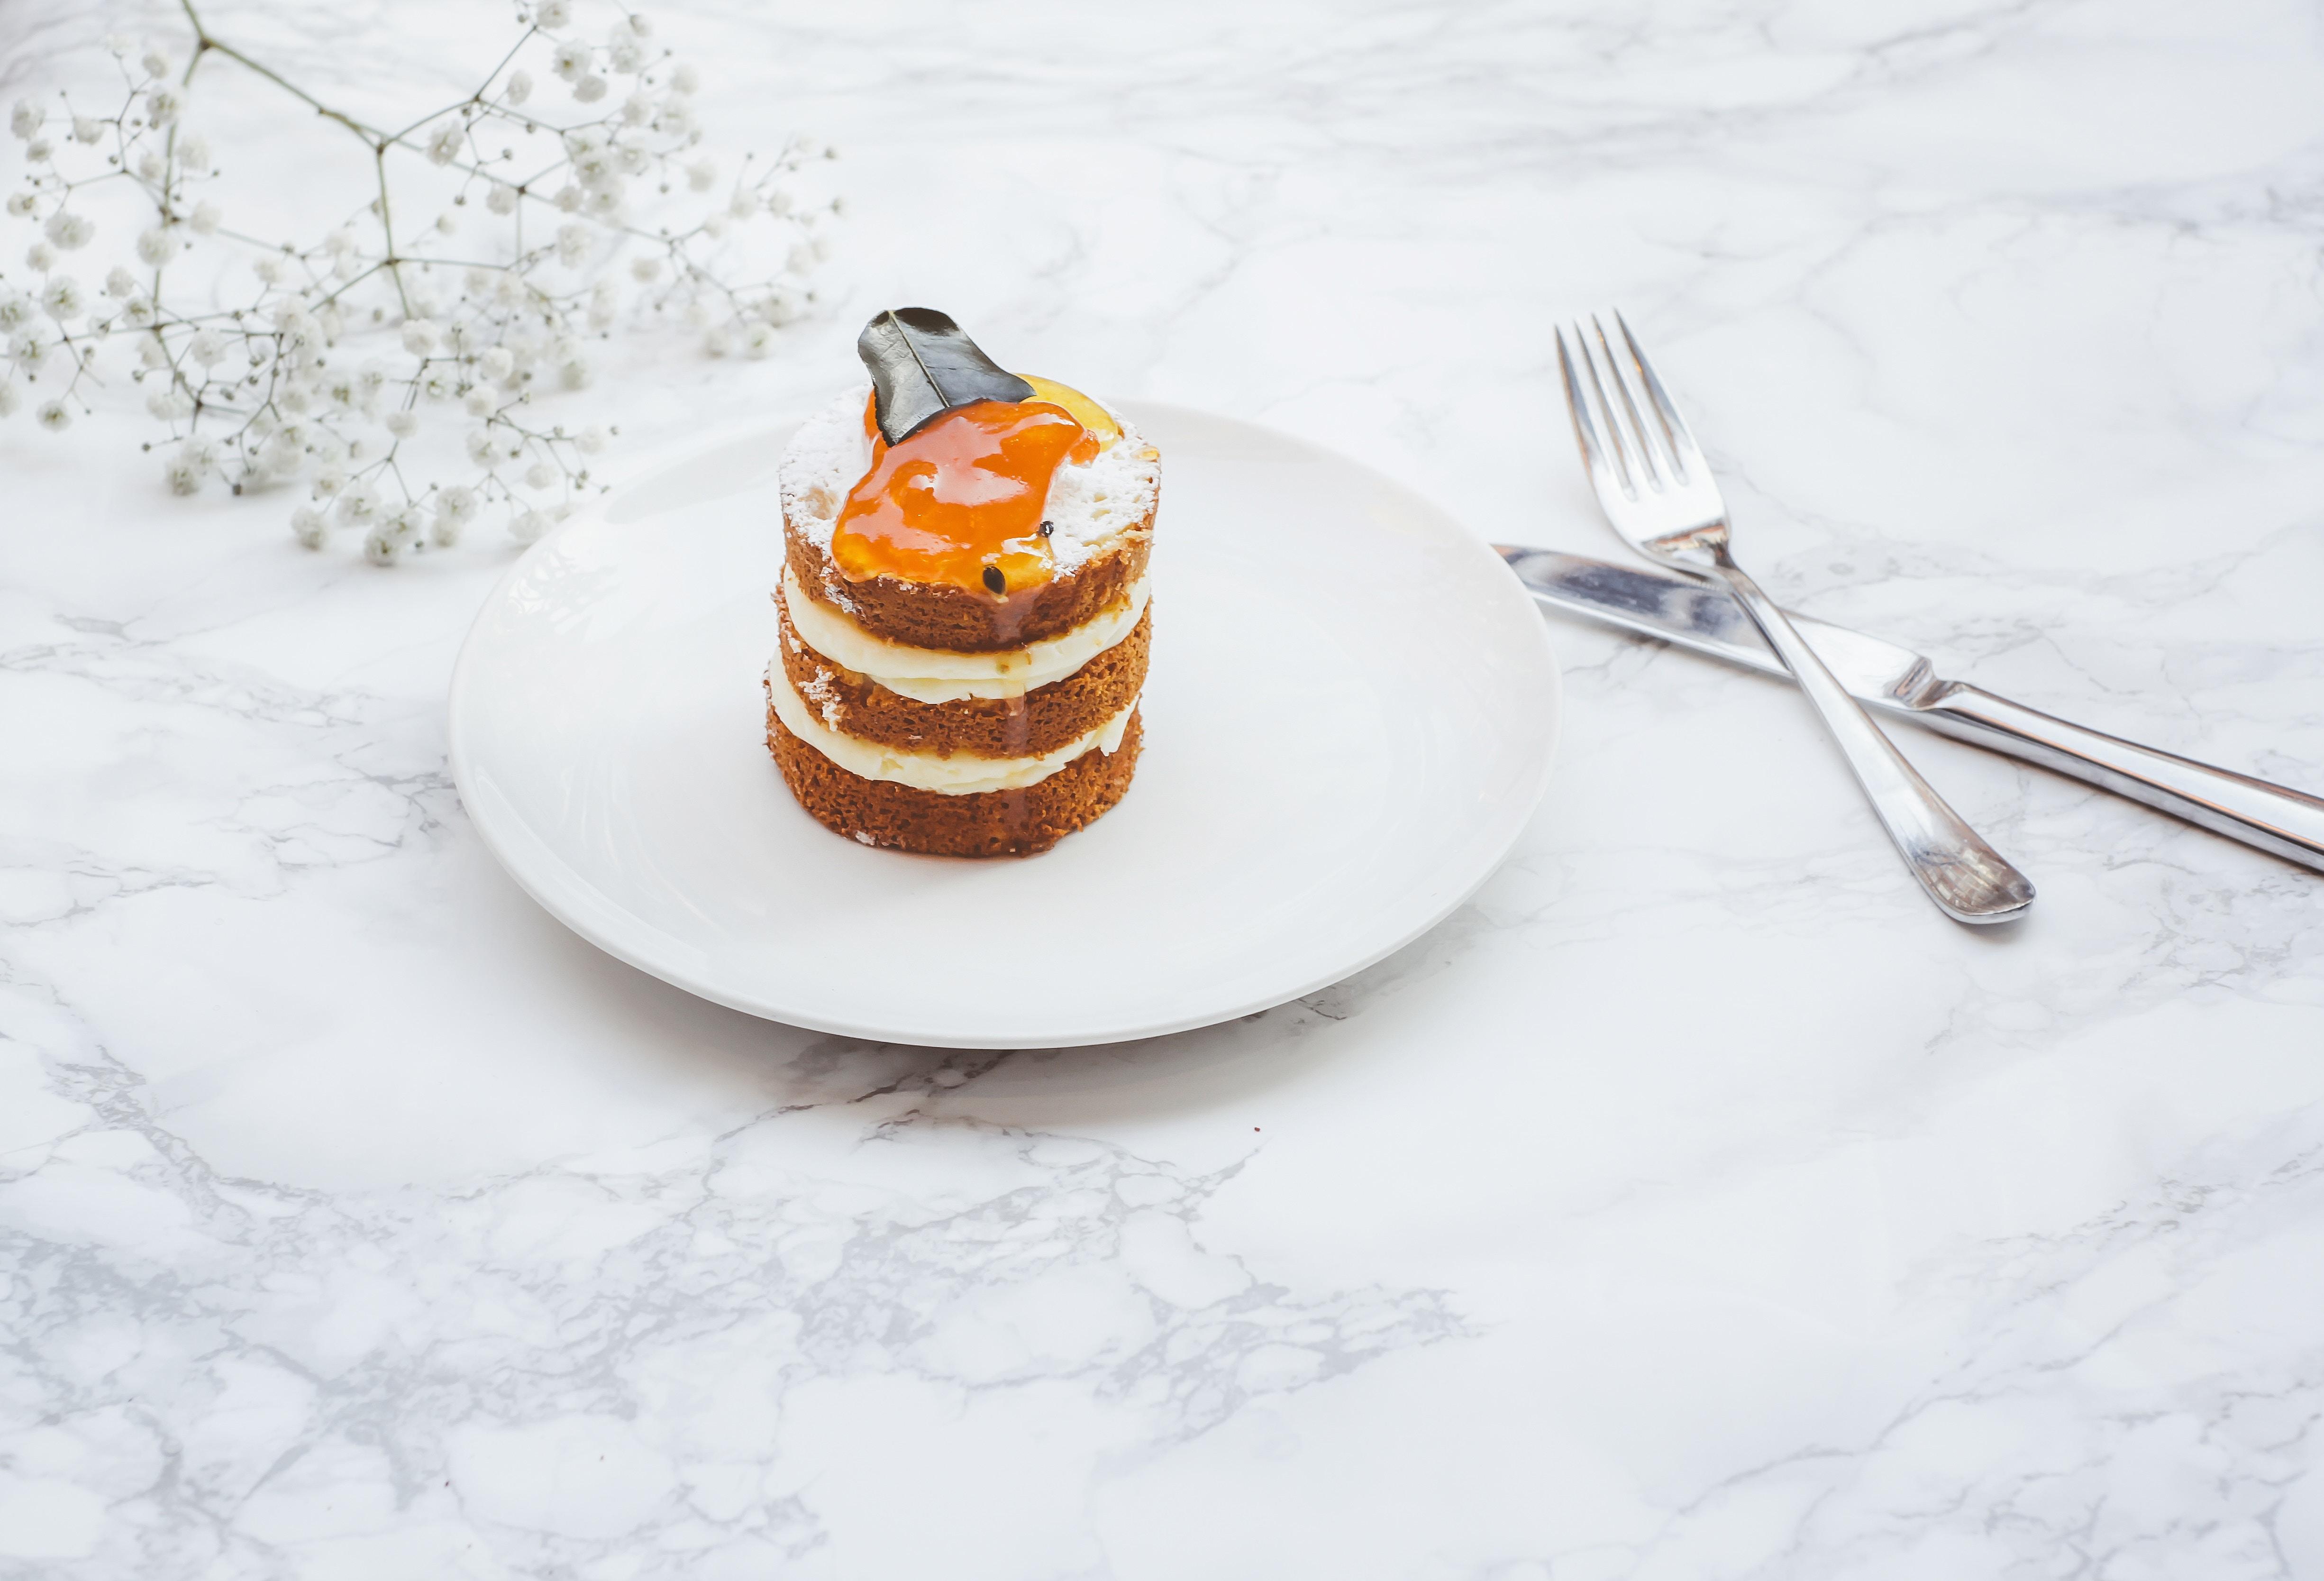 ダイエット パンケーキ おやつ 糖質 カロリー 太る